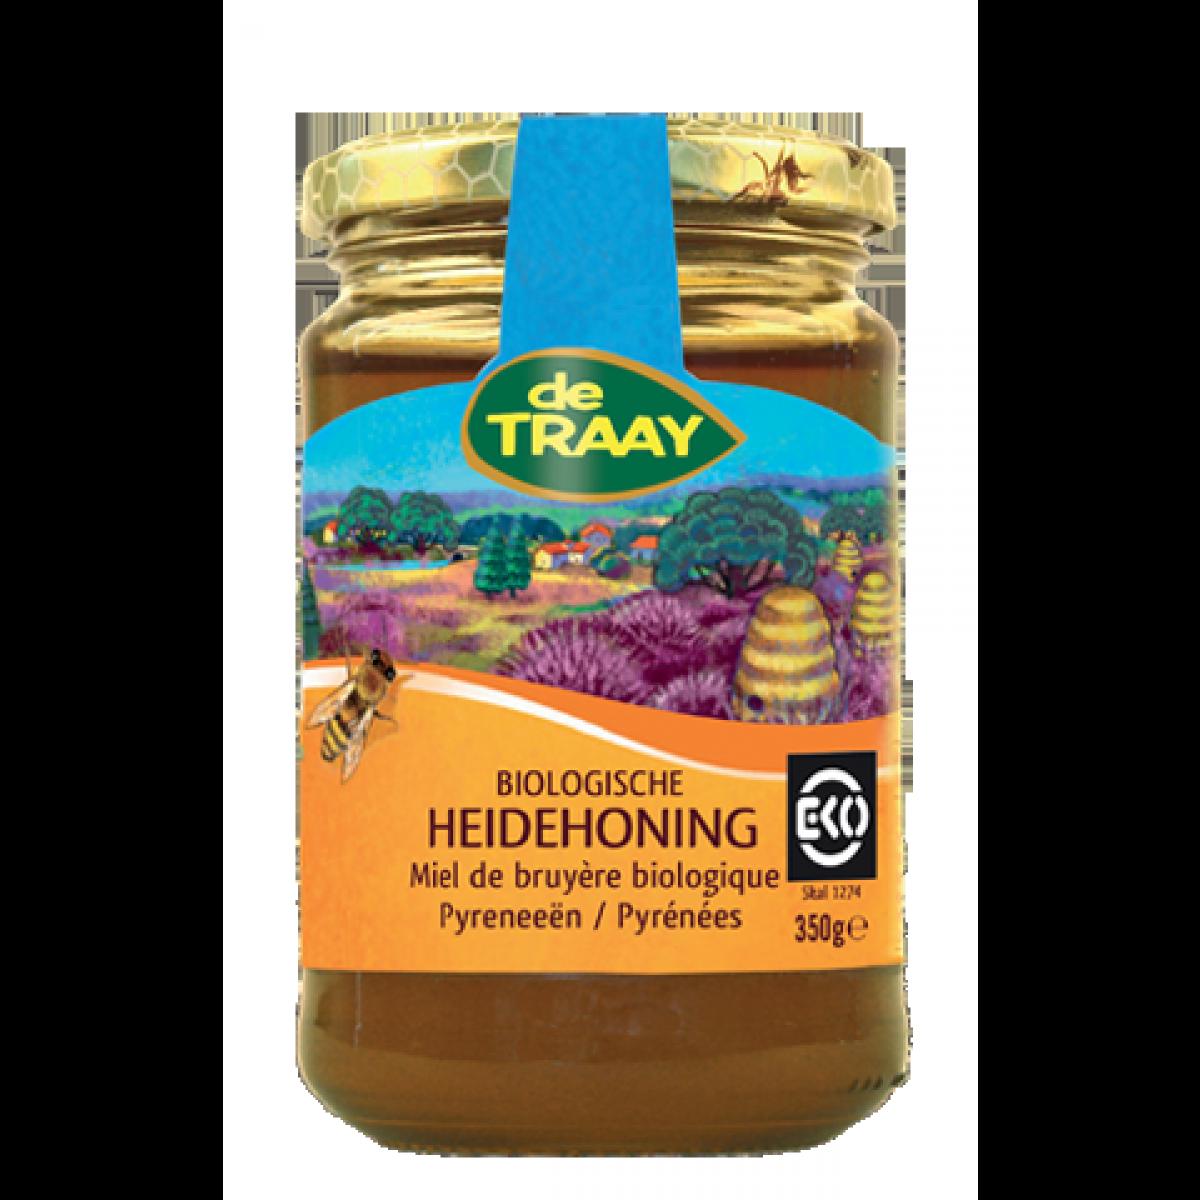 Heide Honing Biologisch